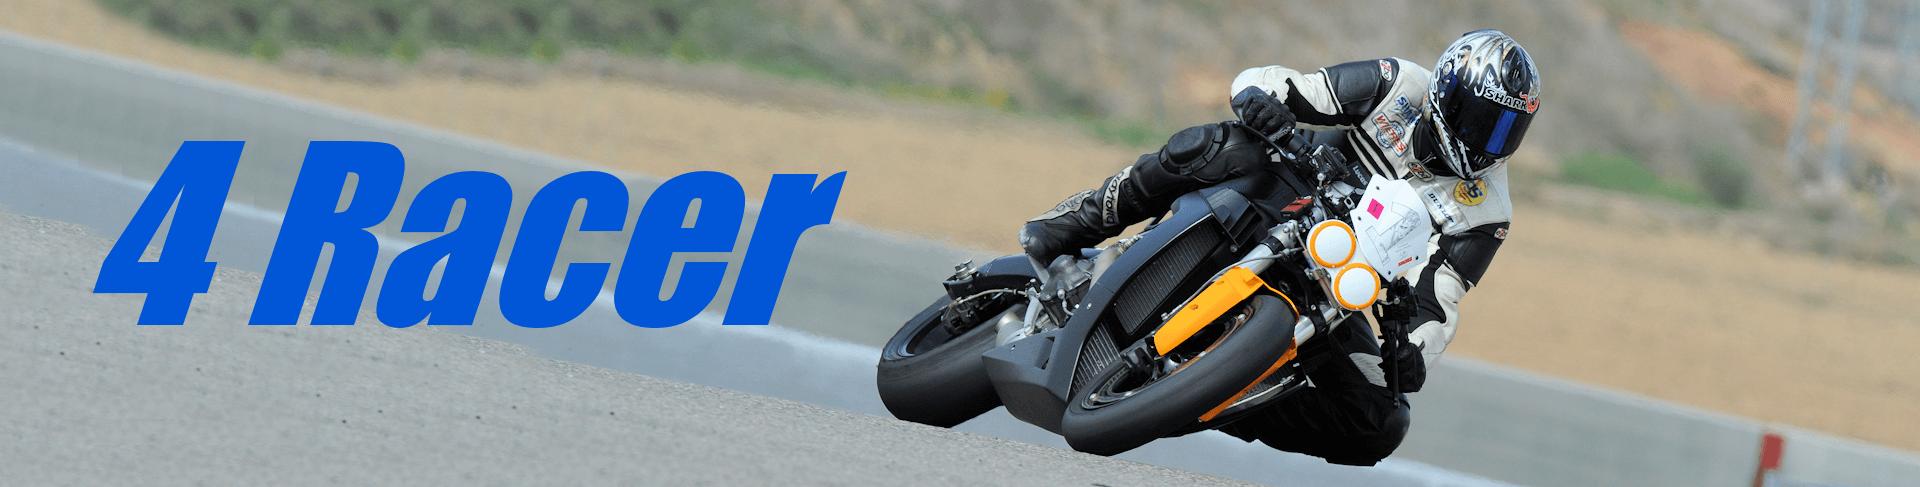 Brands4Bikdes NCCR for the Racer